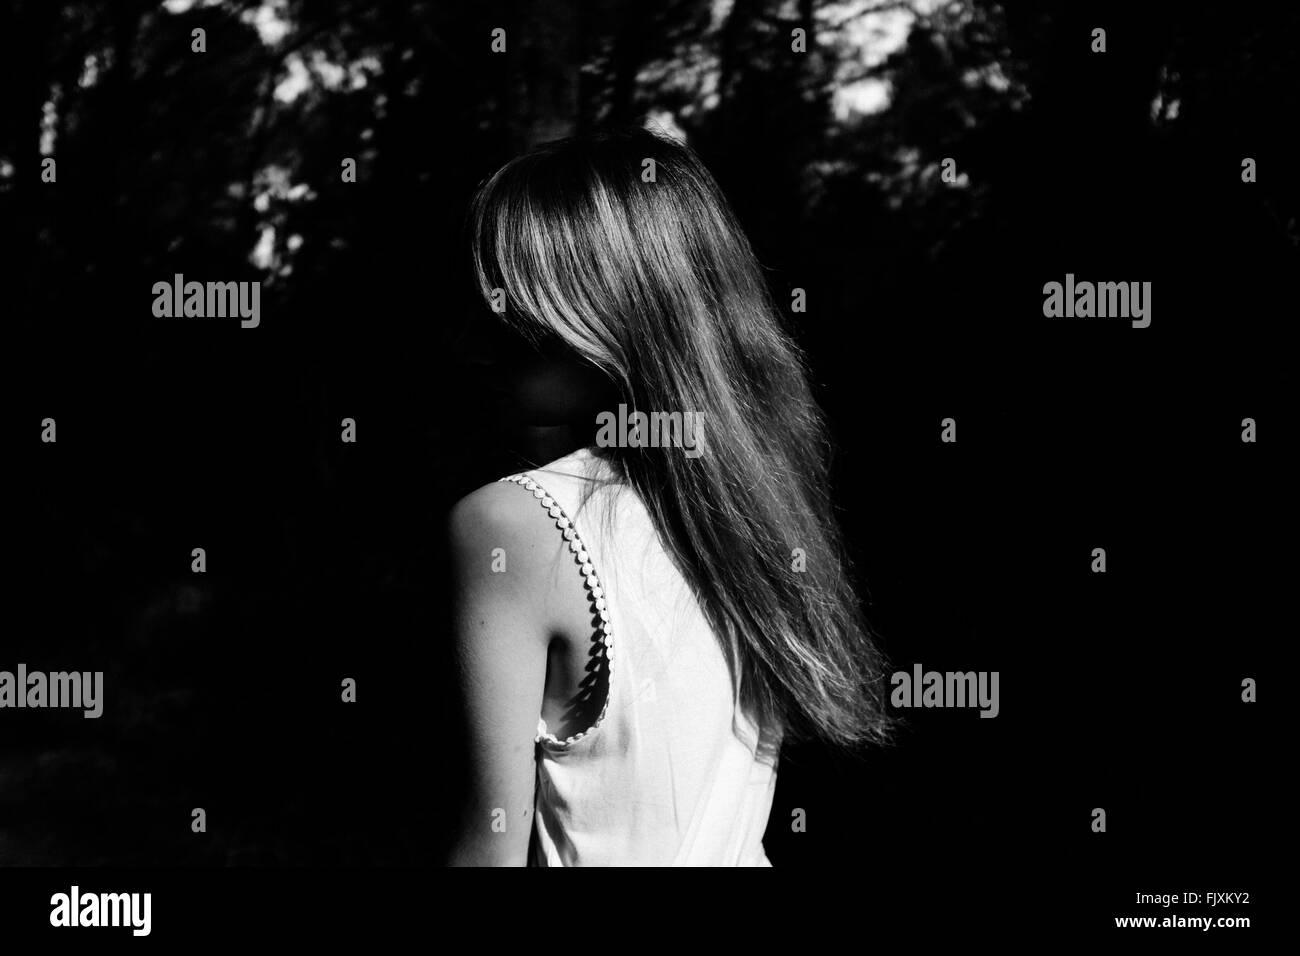 Rückansicht einer Frau gegen dunkle Pflanzen Stockbild